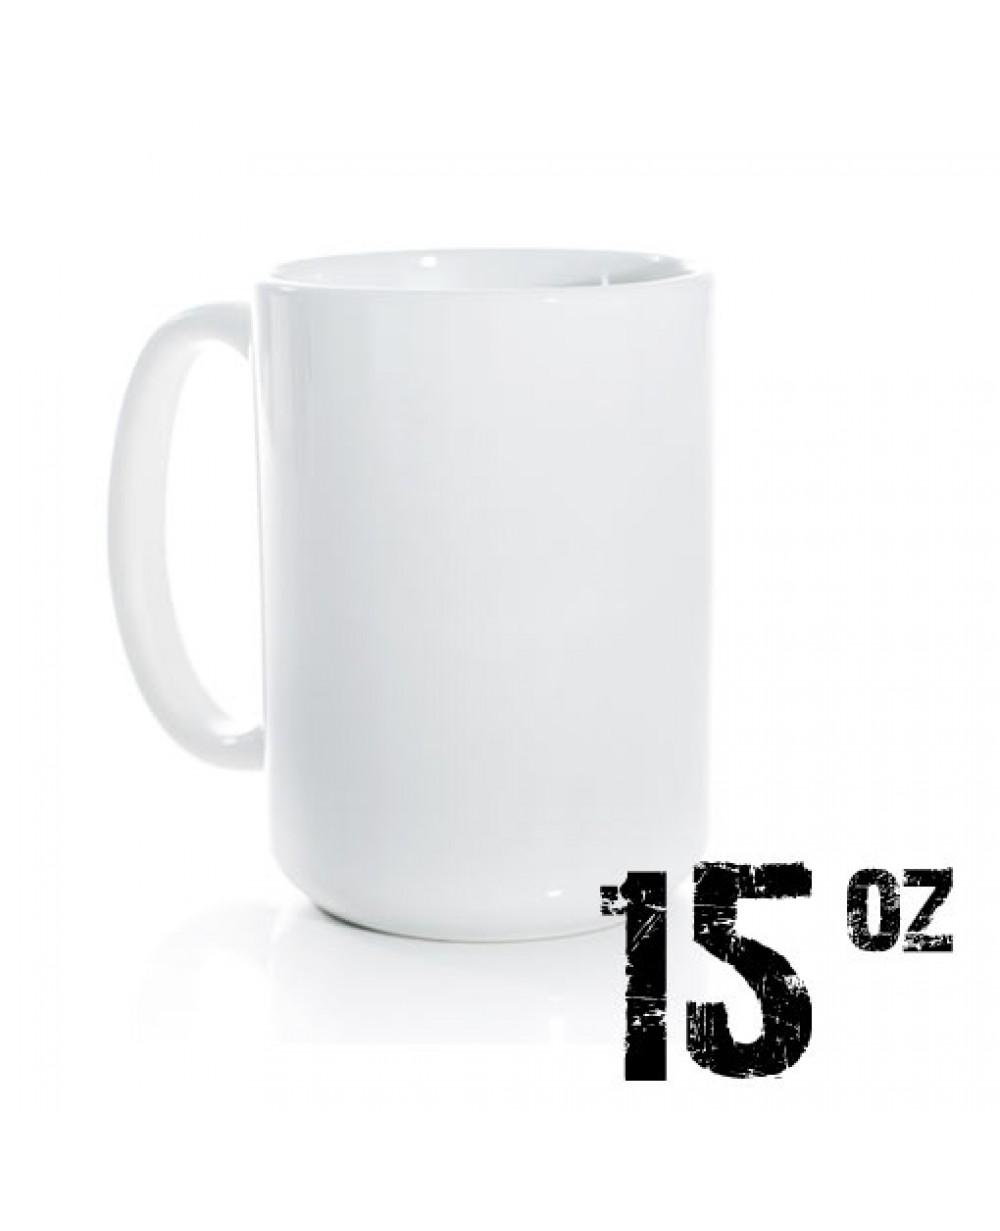 15oz Sublimation White Mugs - Dishwasher Safe 36 Blanks